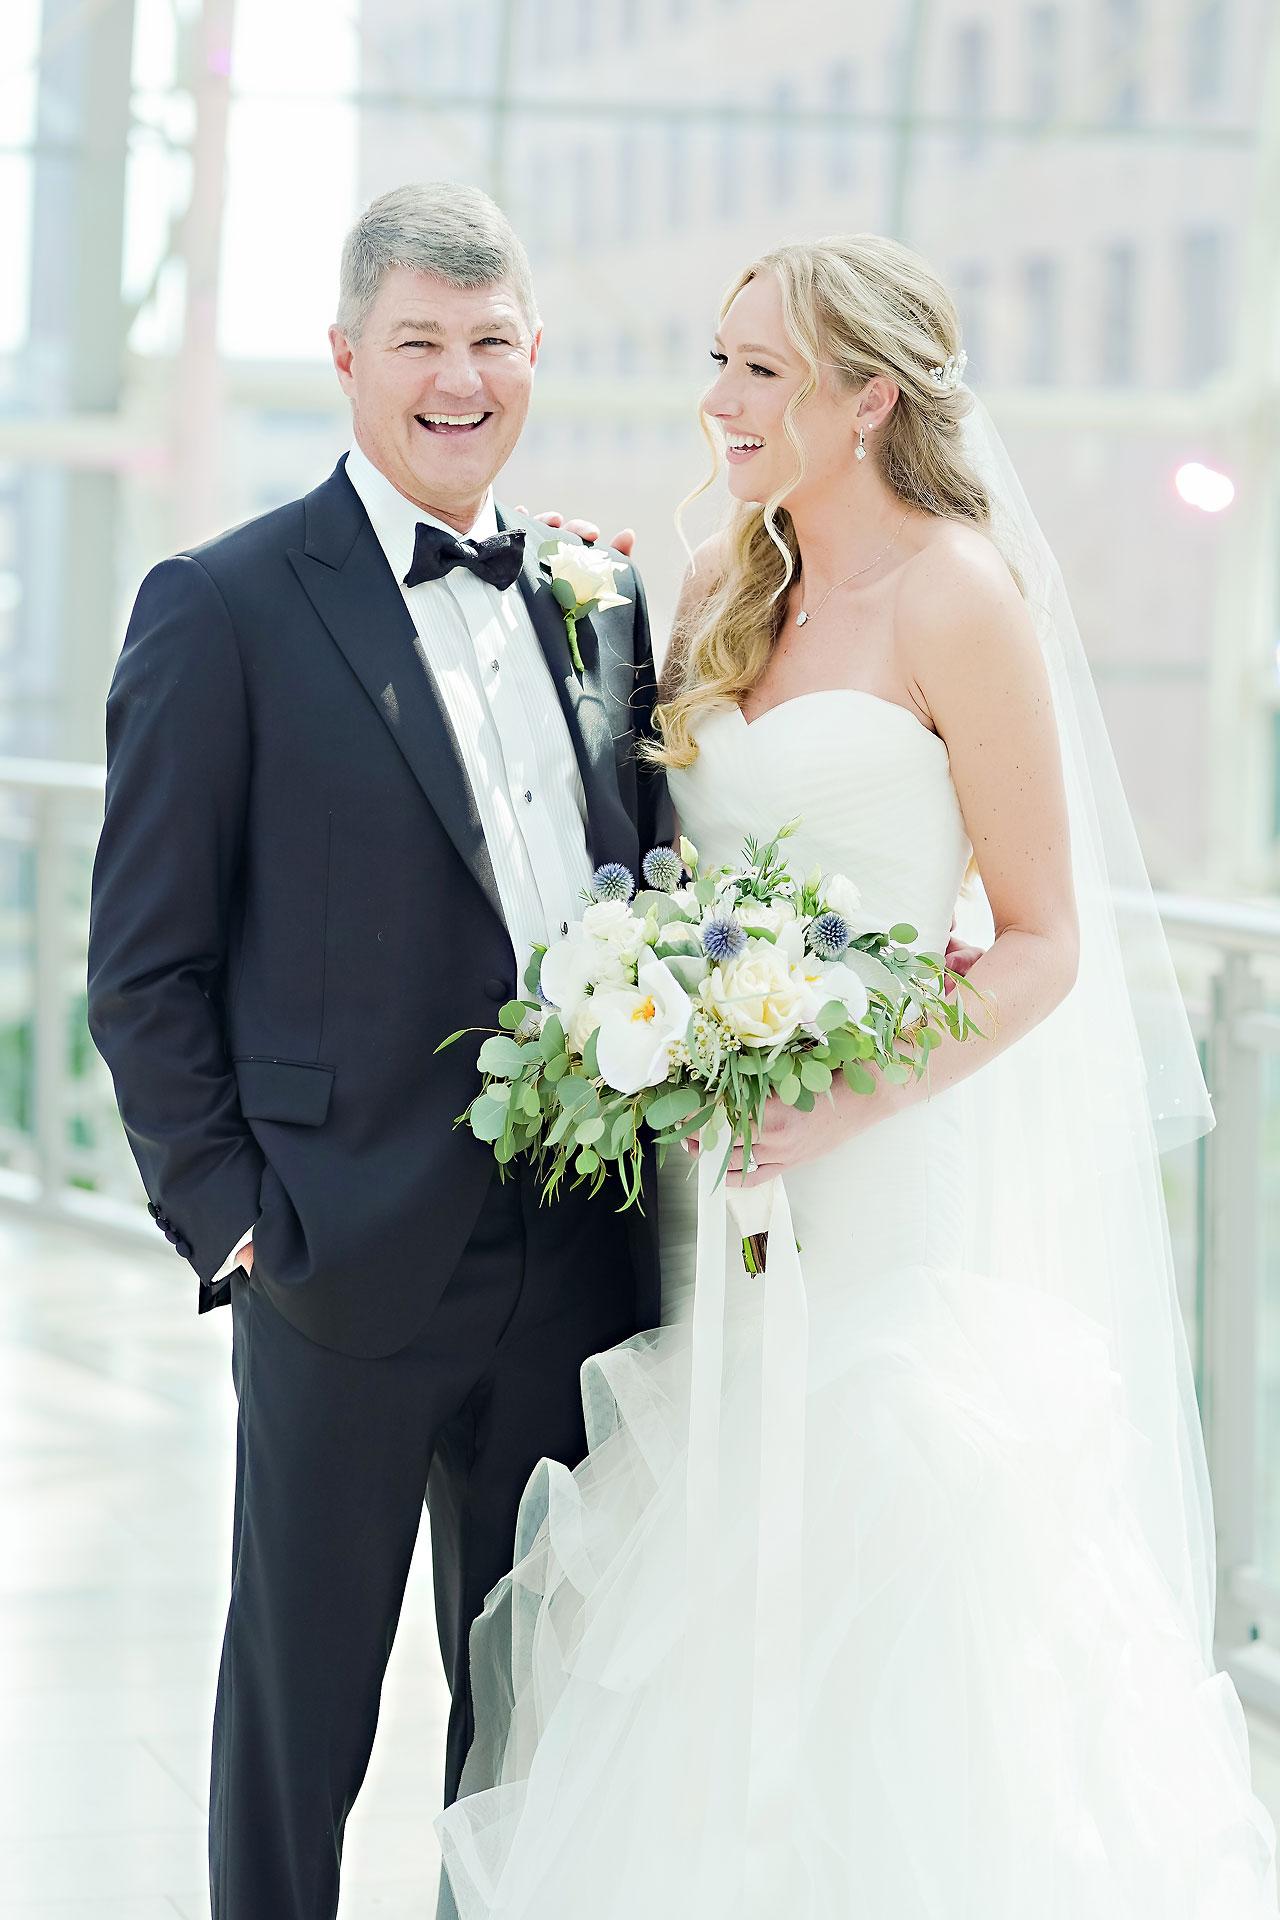 Liz Zach Conrad Artsgarden Indianapolis Wedding 168